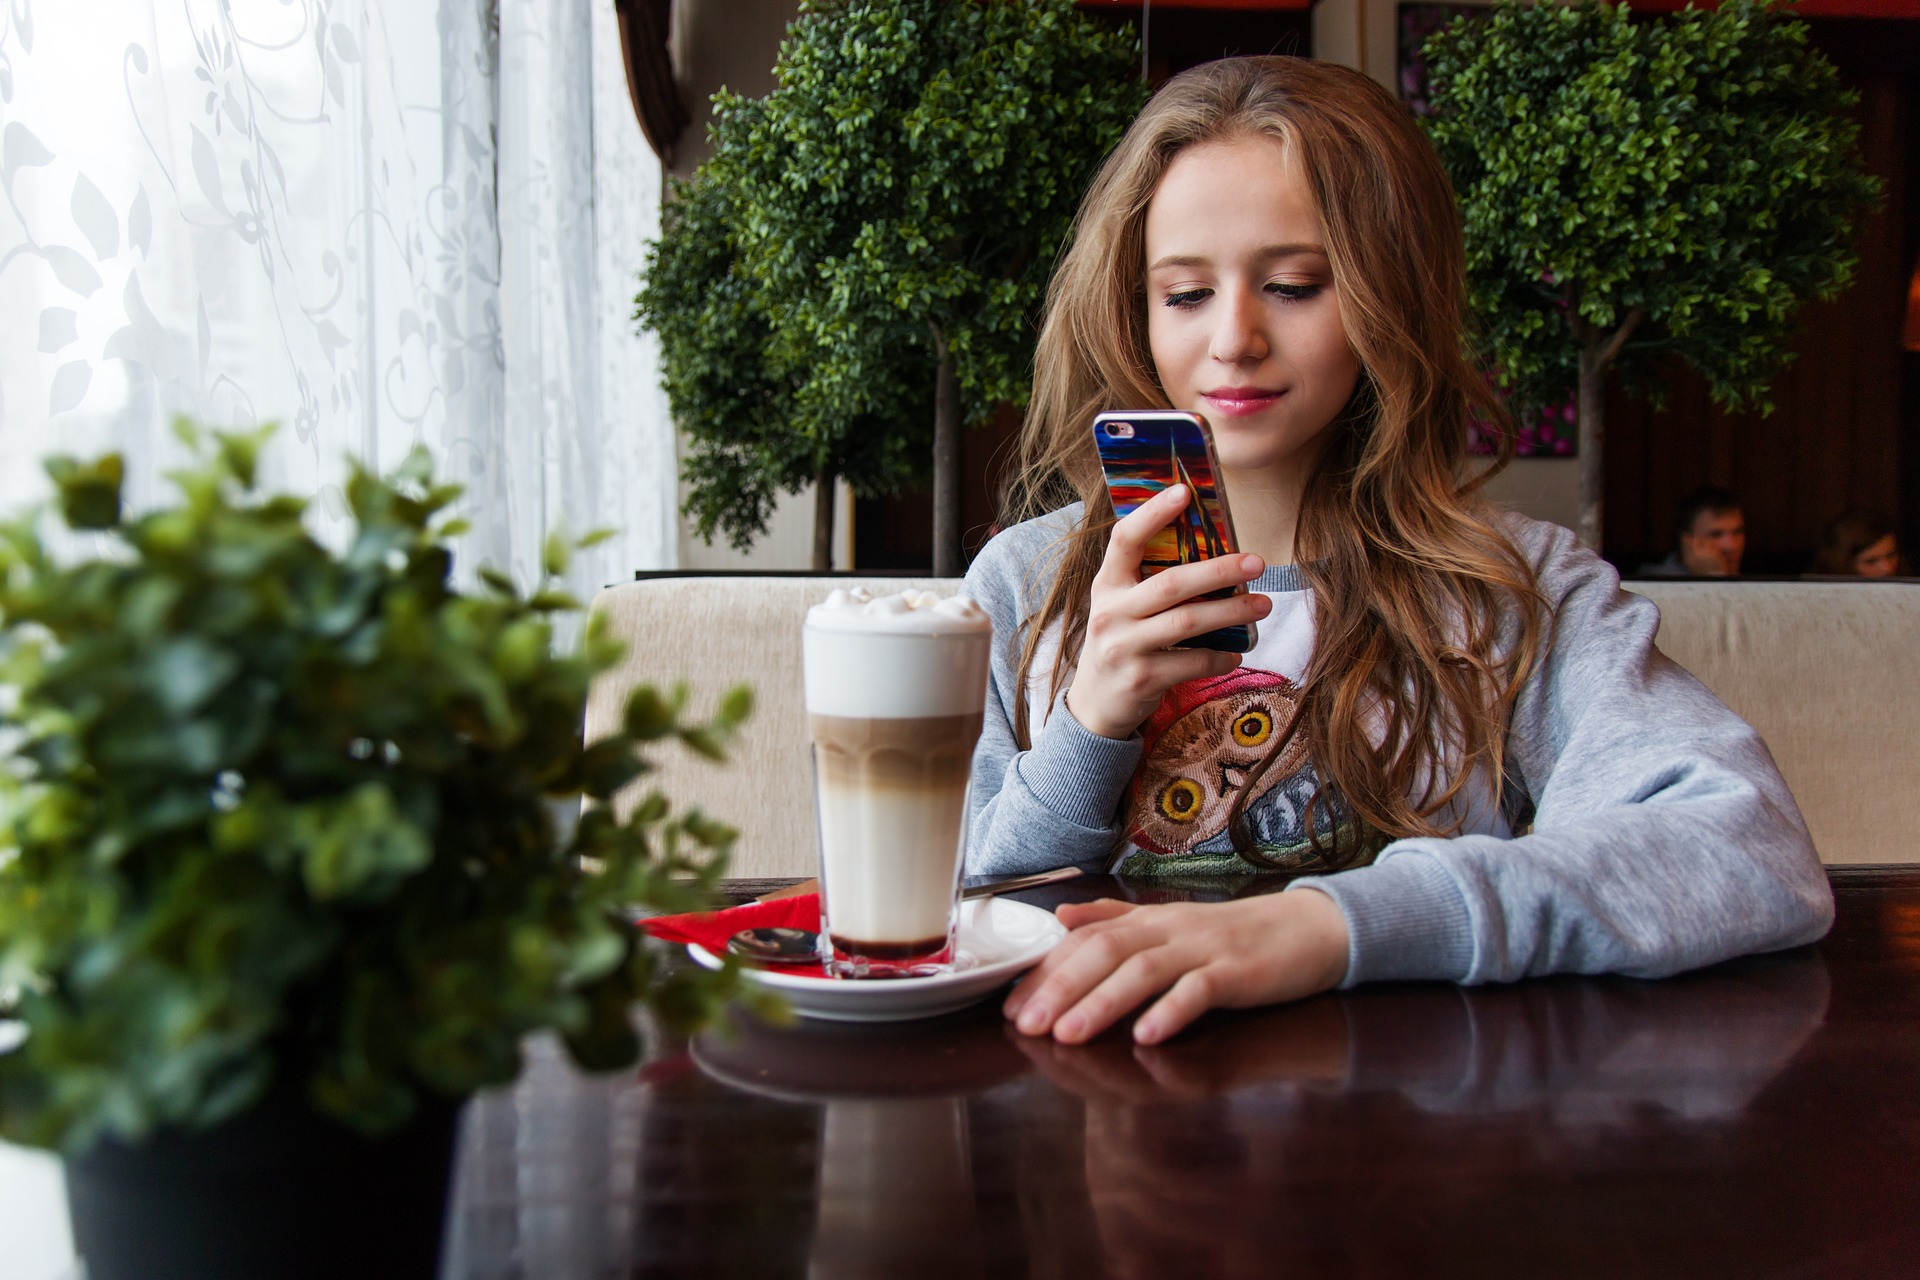 Neue Studie: Whatsapp kann süchtig machen!